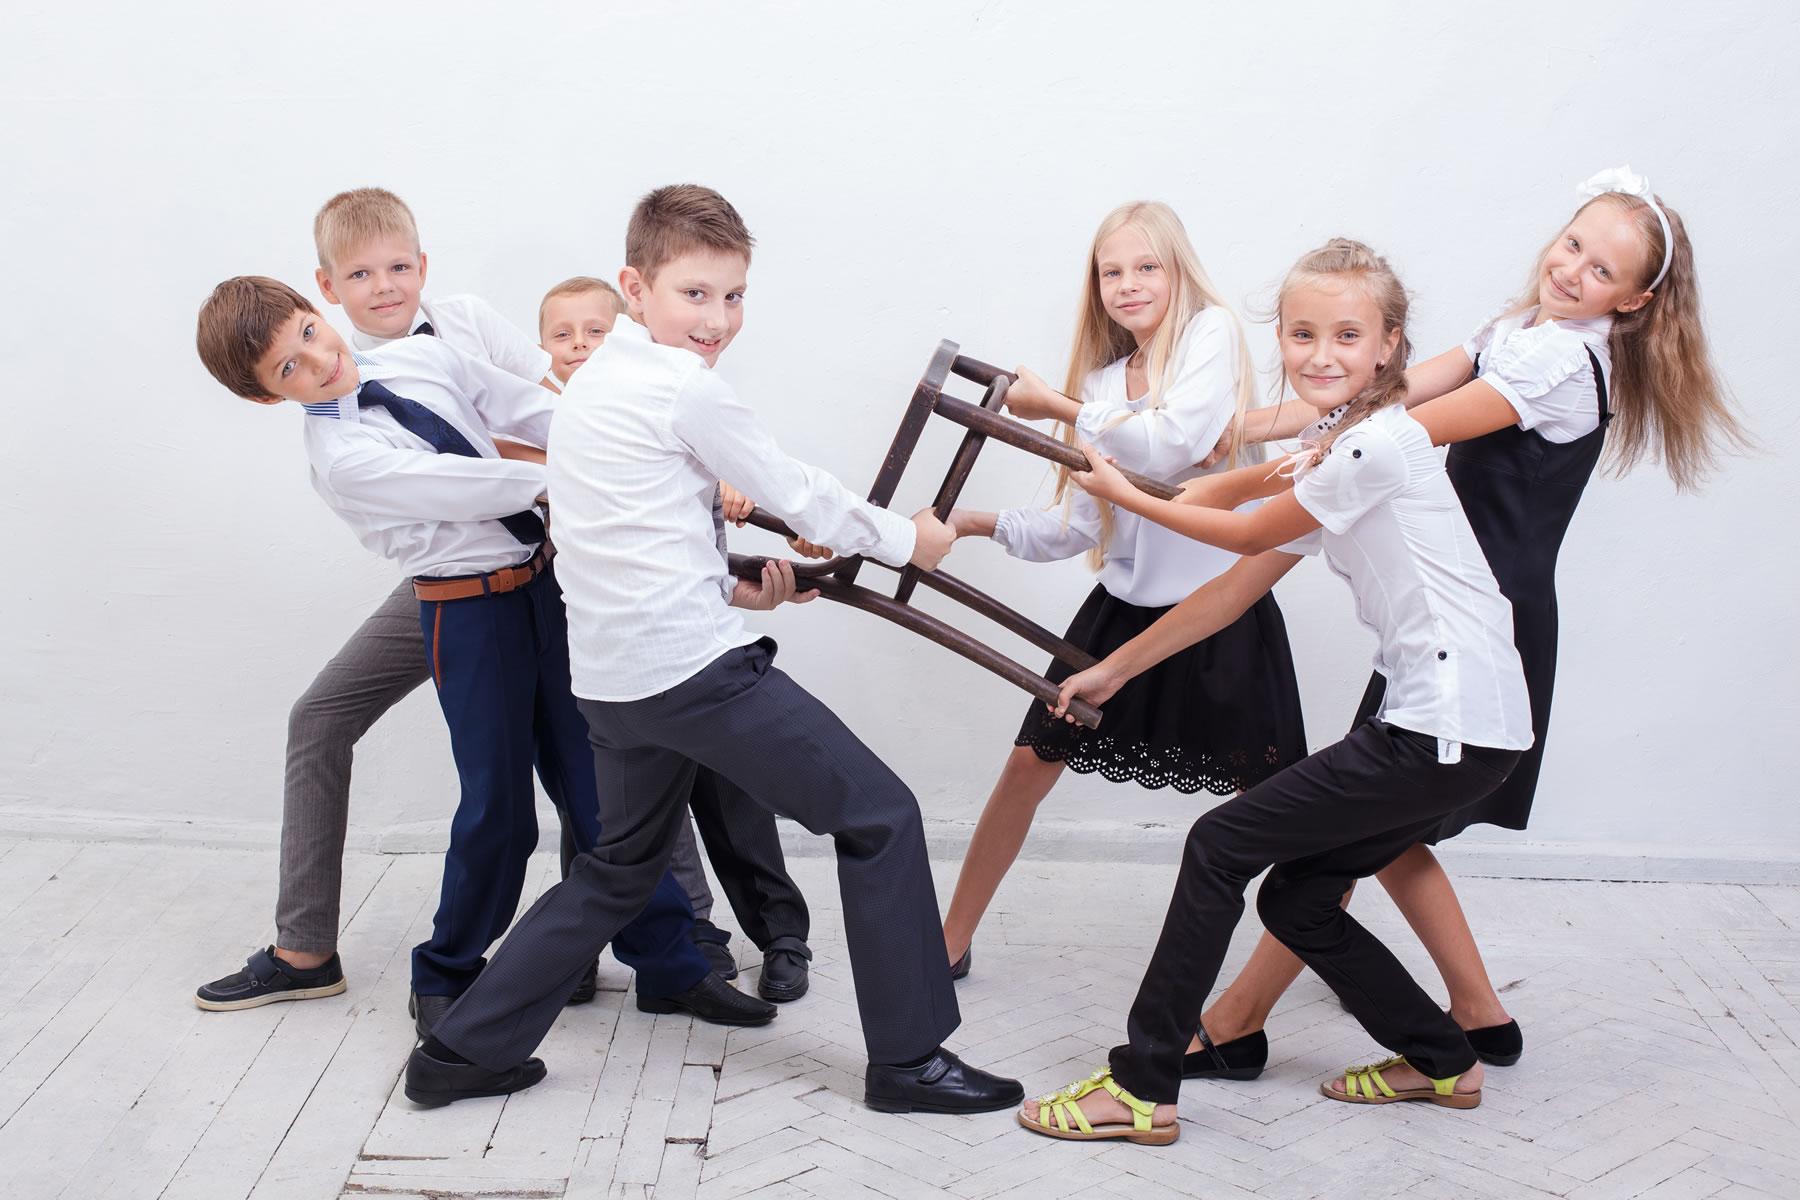 Jongens tegen de Meisjes is het leukst uitje bekend van tv